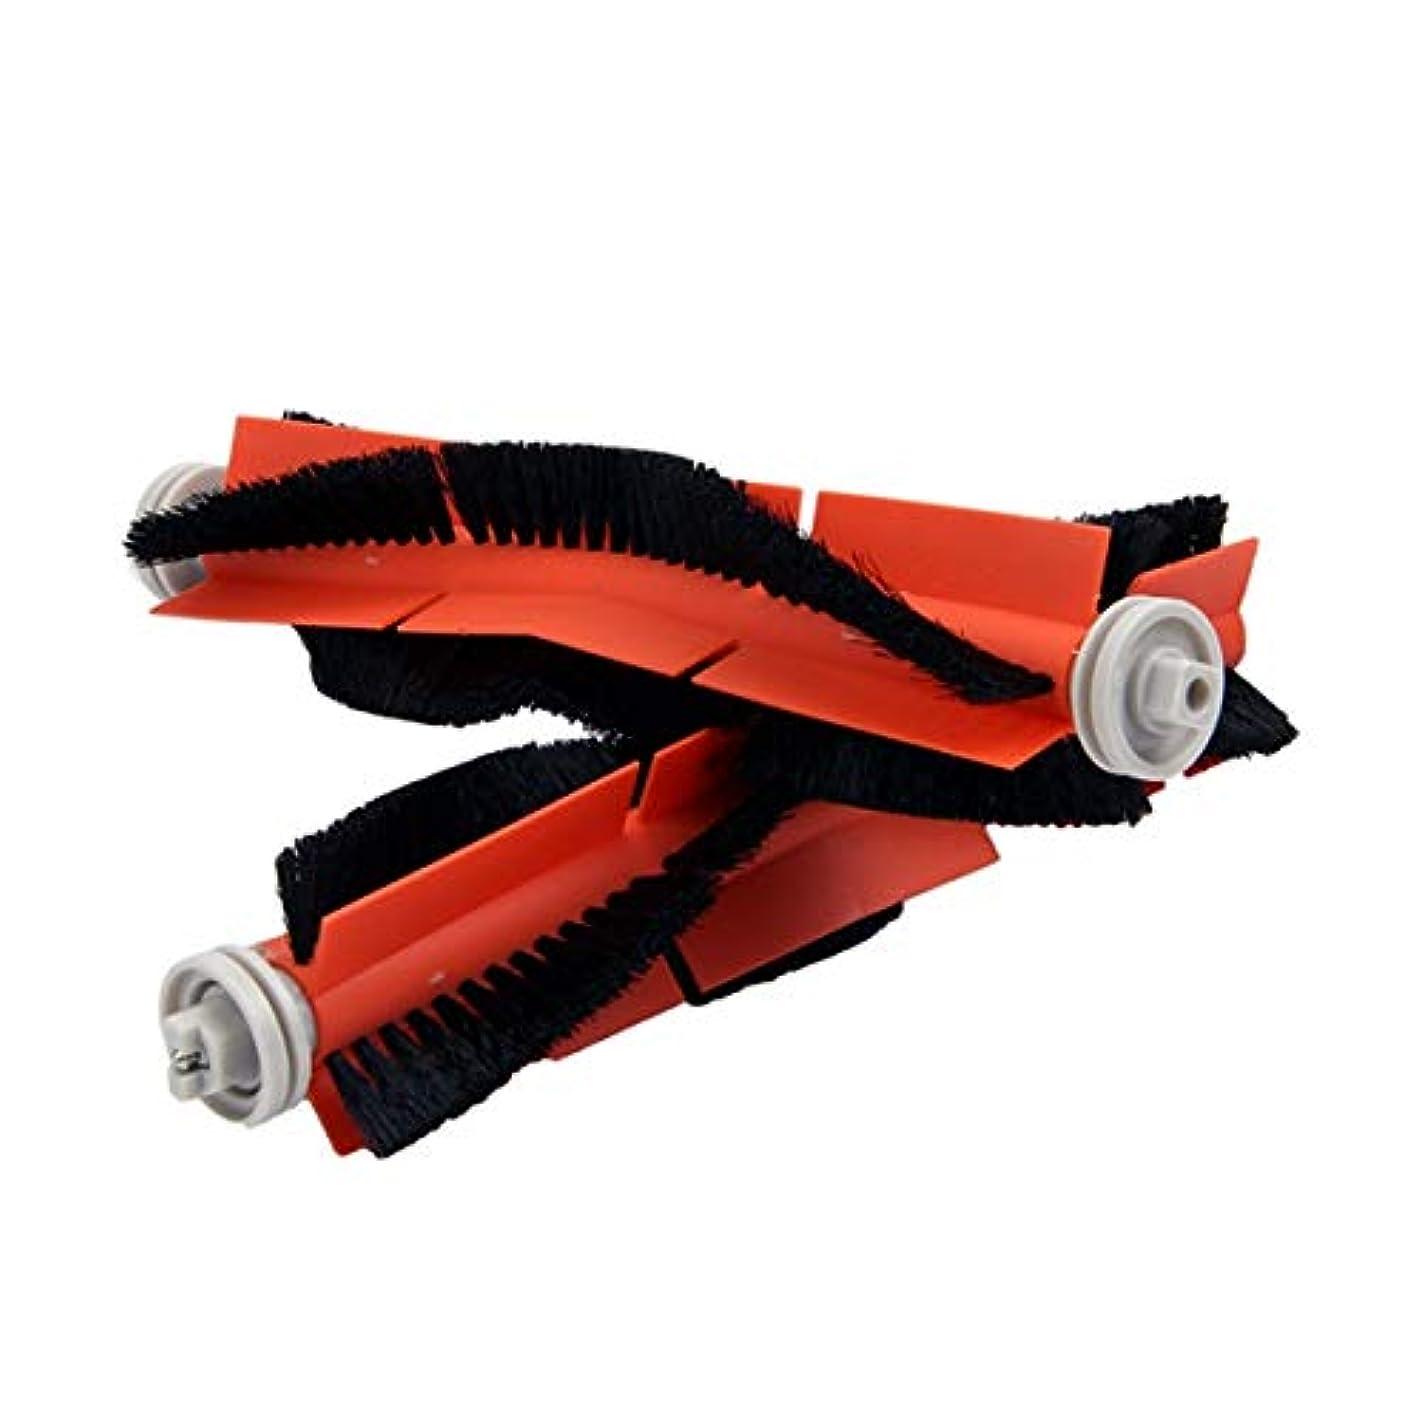 篭信頼できるアクセサリーACAMPTAR 掃除機部品アクセサリー / roborock用アクセサリー3 本 サイドブラシ2個 HEPAフィルター2個 メインブラシ1個 クリーニングツール